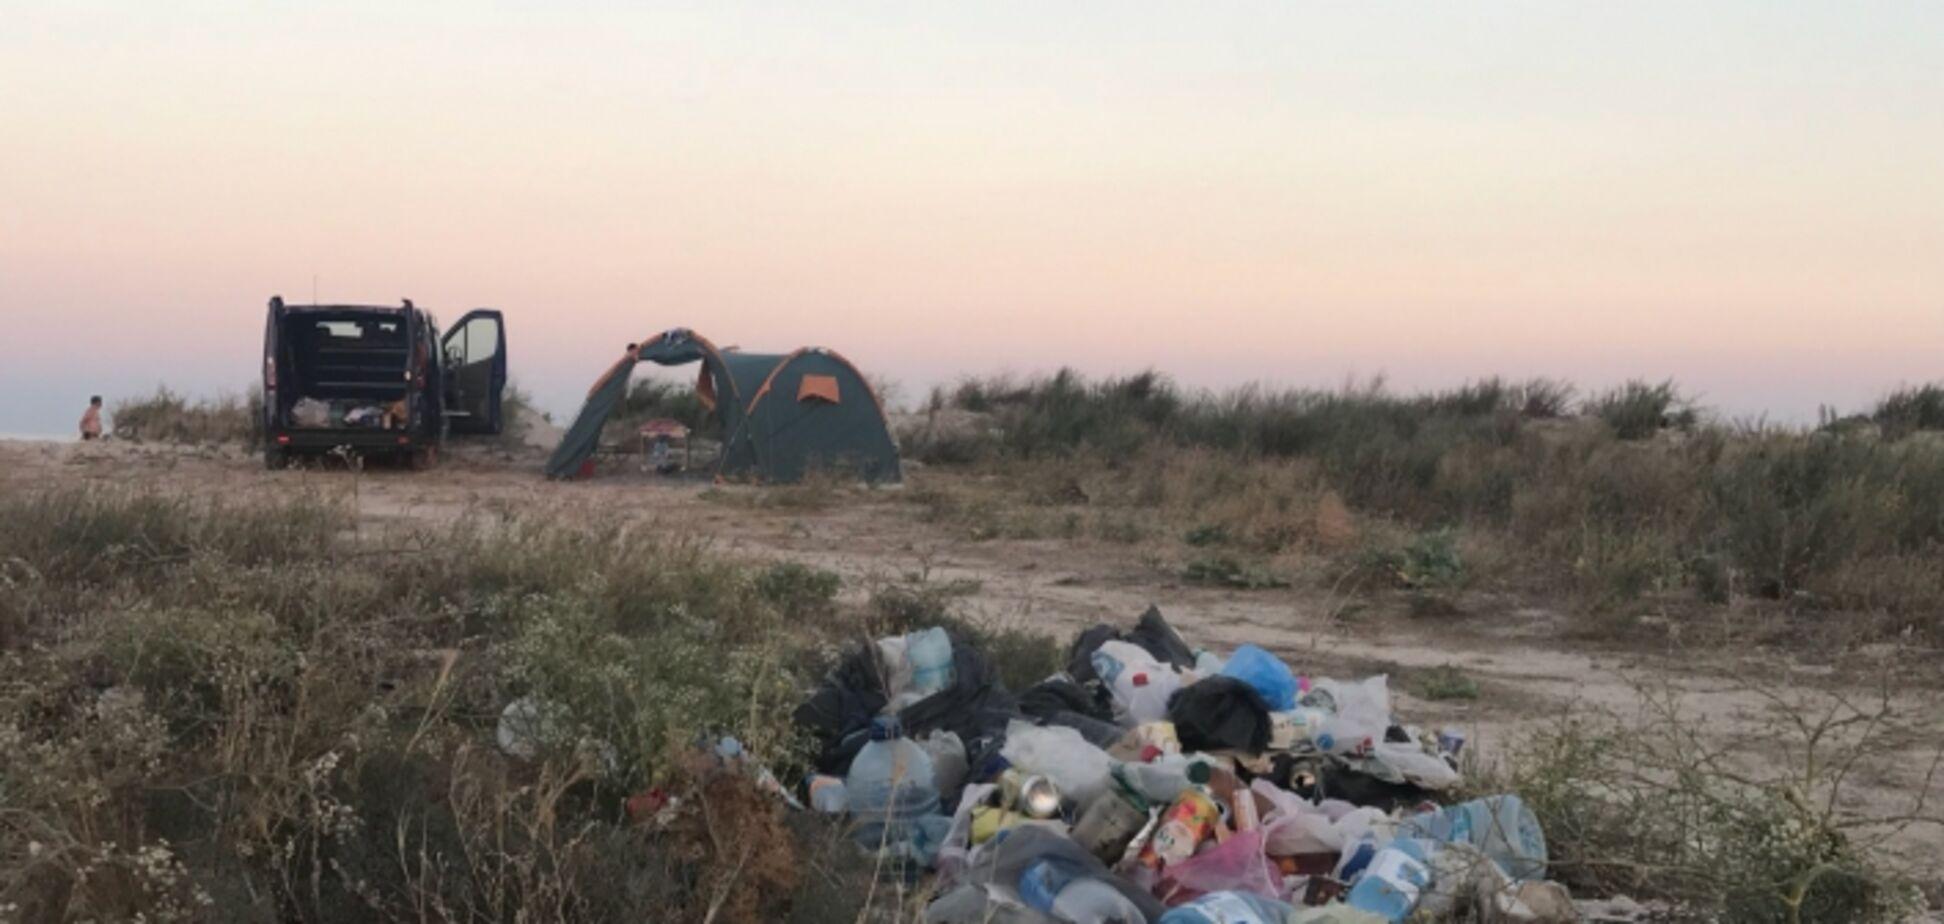 Мусорная свалка: появились фото уничтоженного туристами курорта под Запорожьем